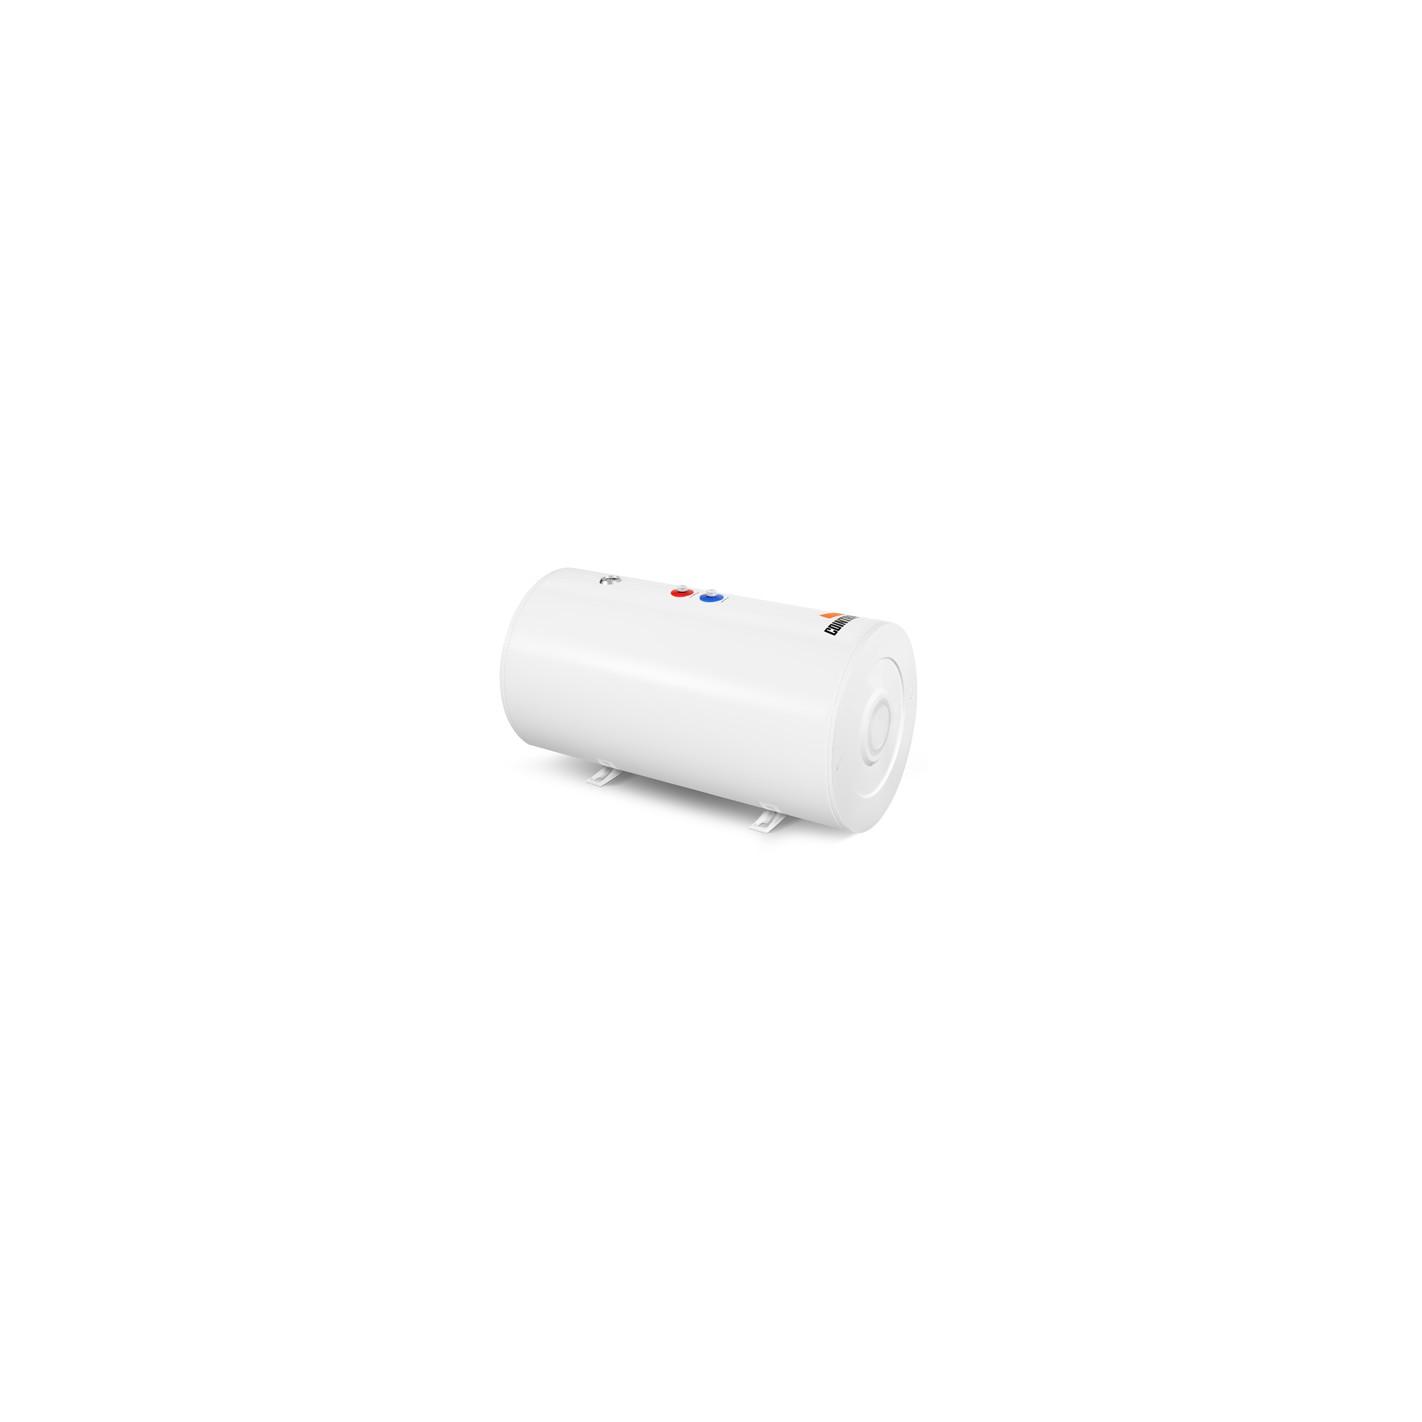 Termo el ctrico cointra tnc 200 h compra online - Termo electrico 200 litros ...